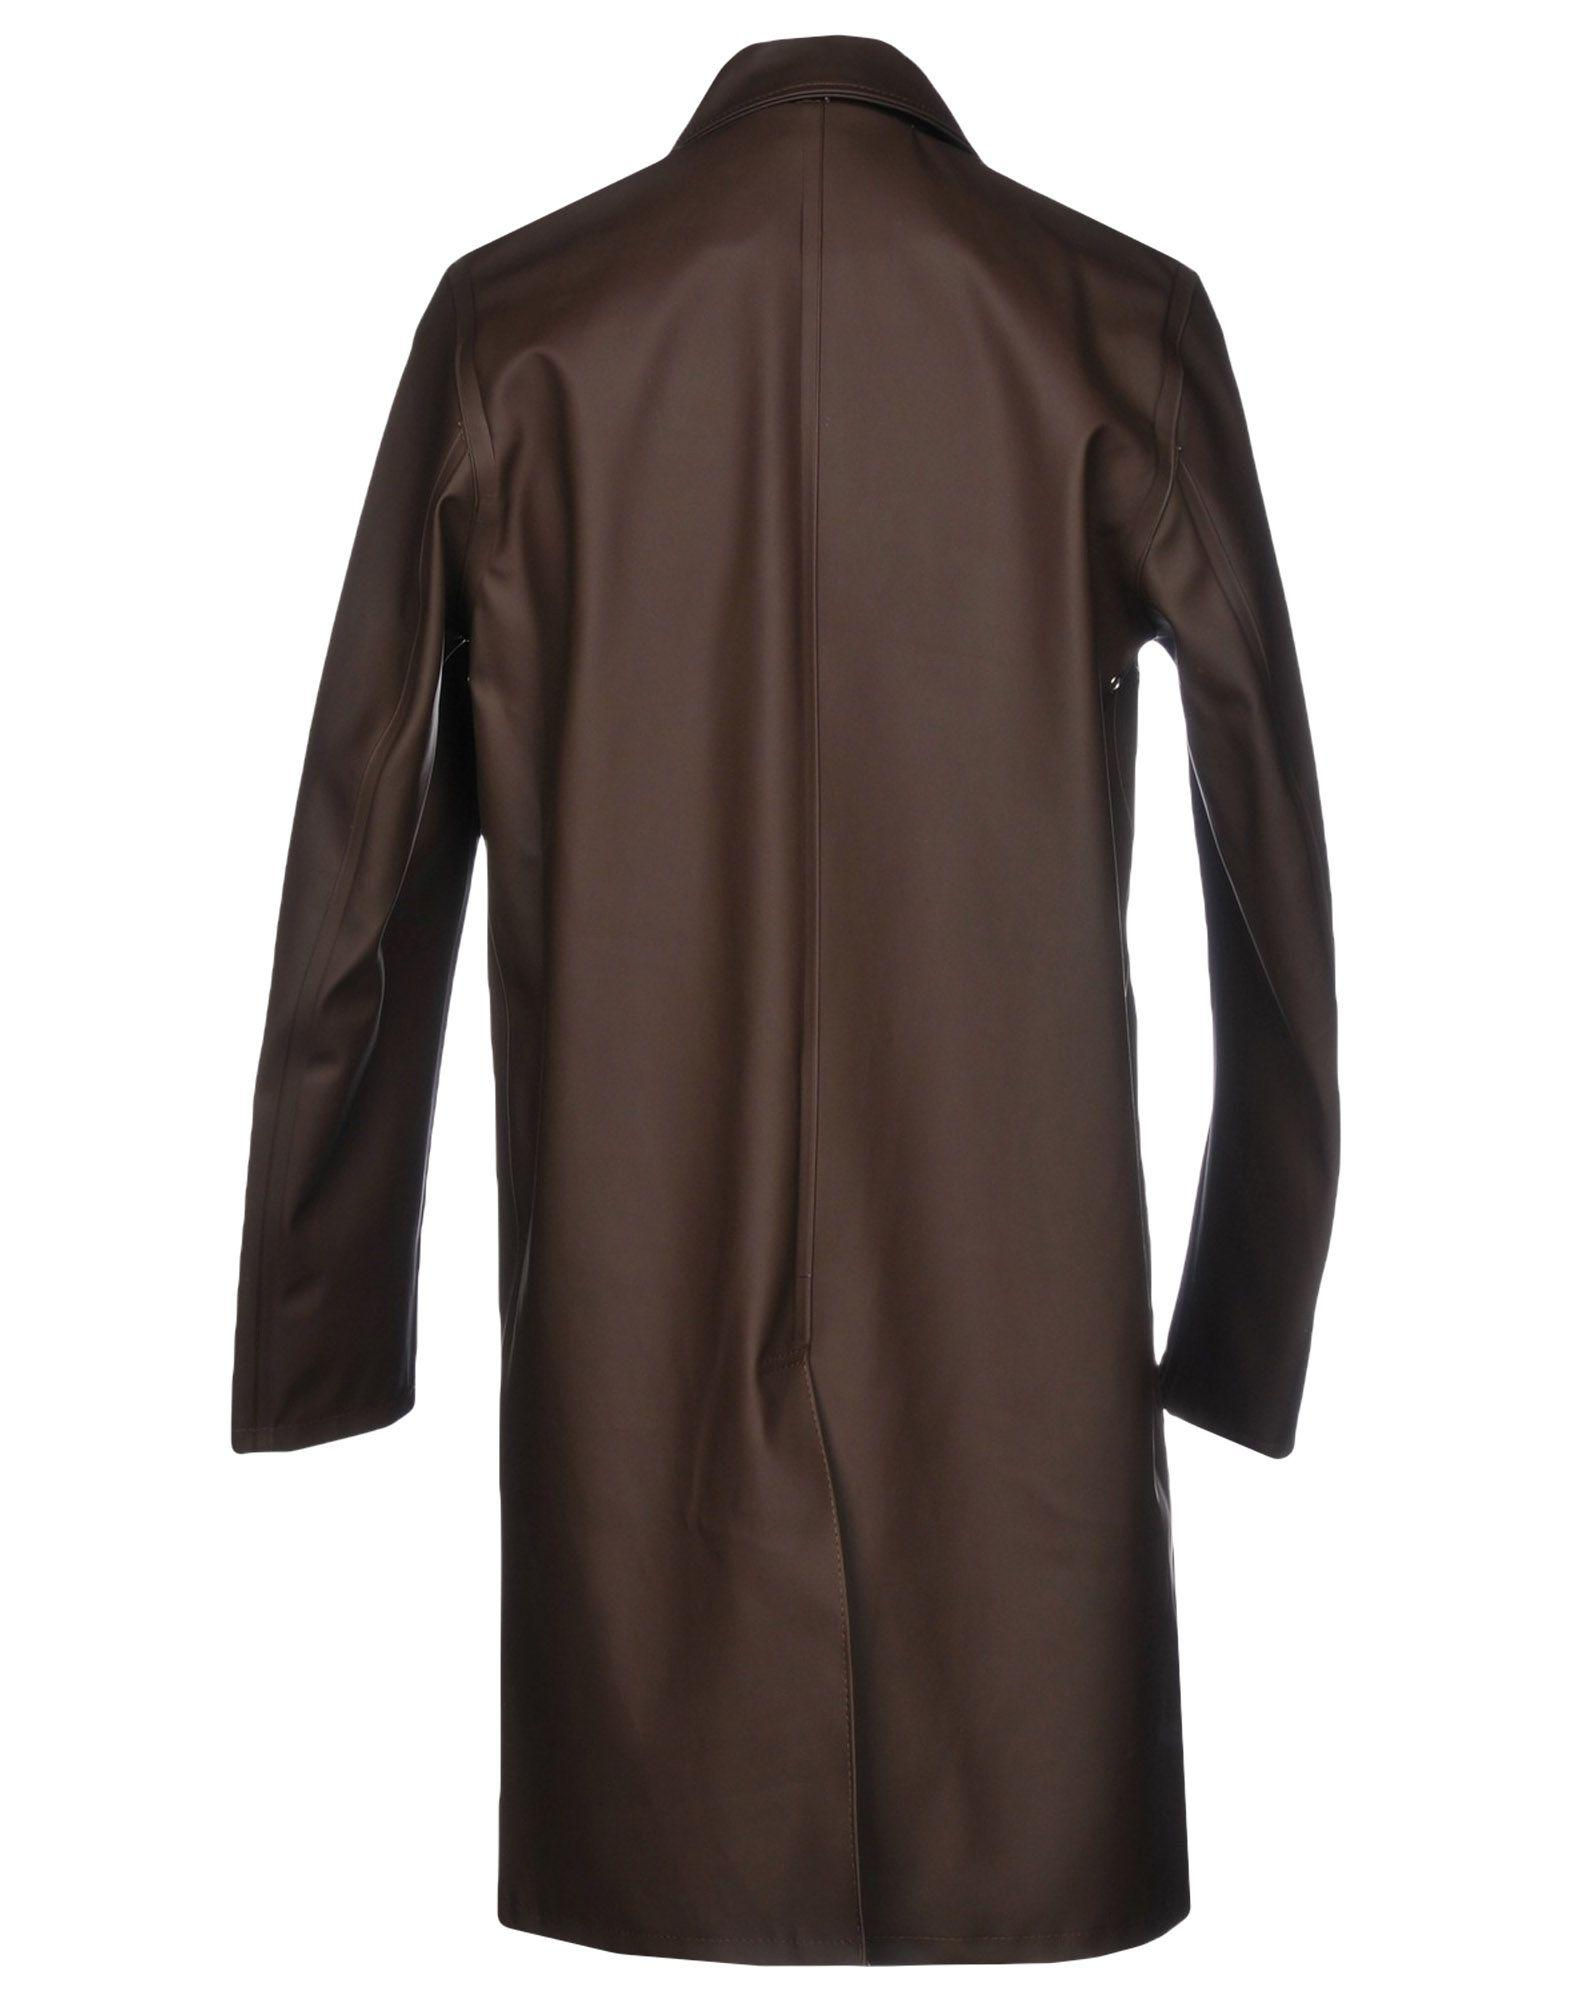 Stutterheim Jacket in Cocoa (Brown) for Men